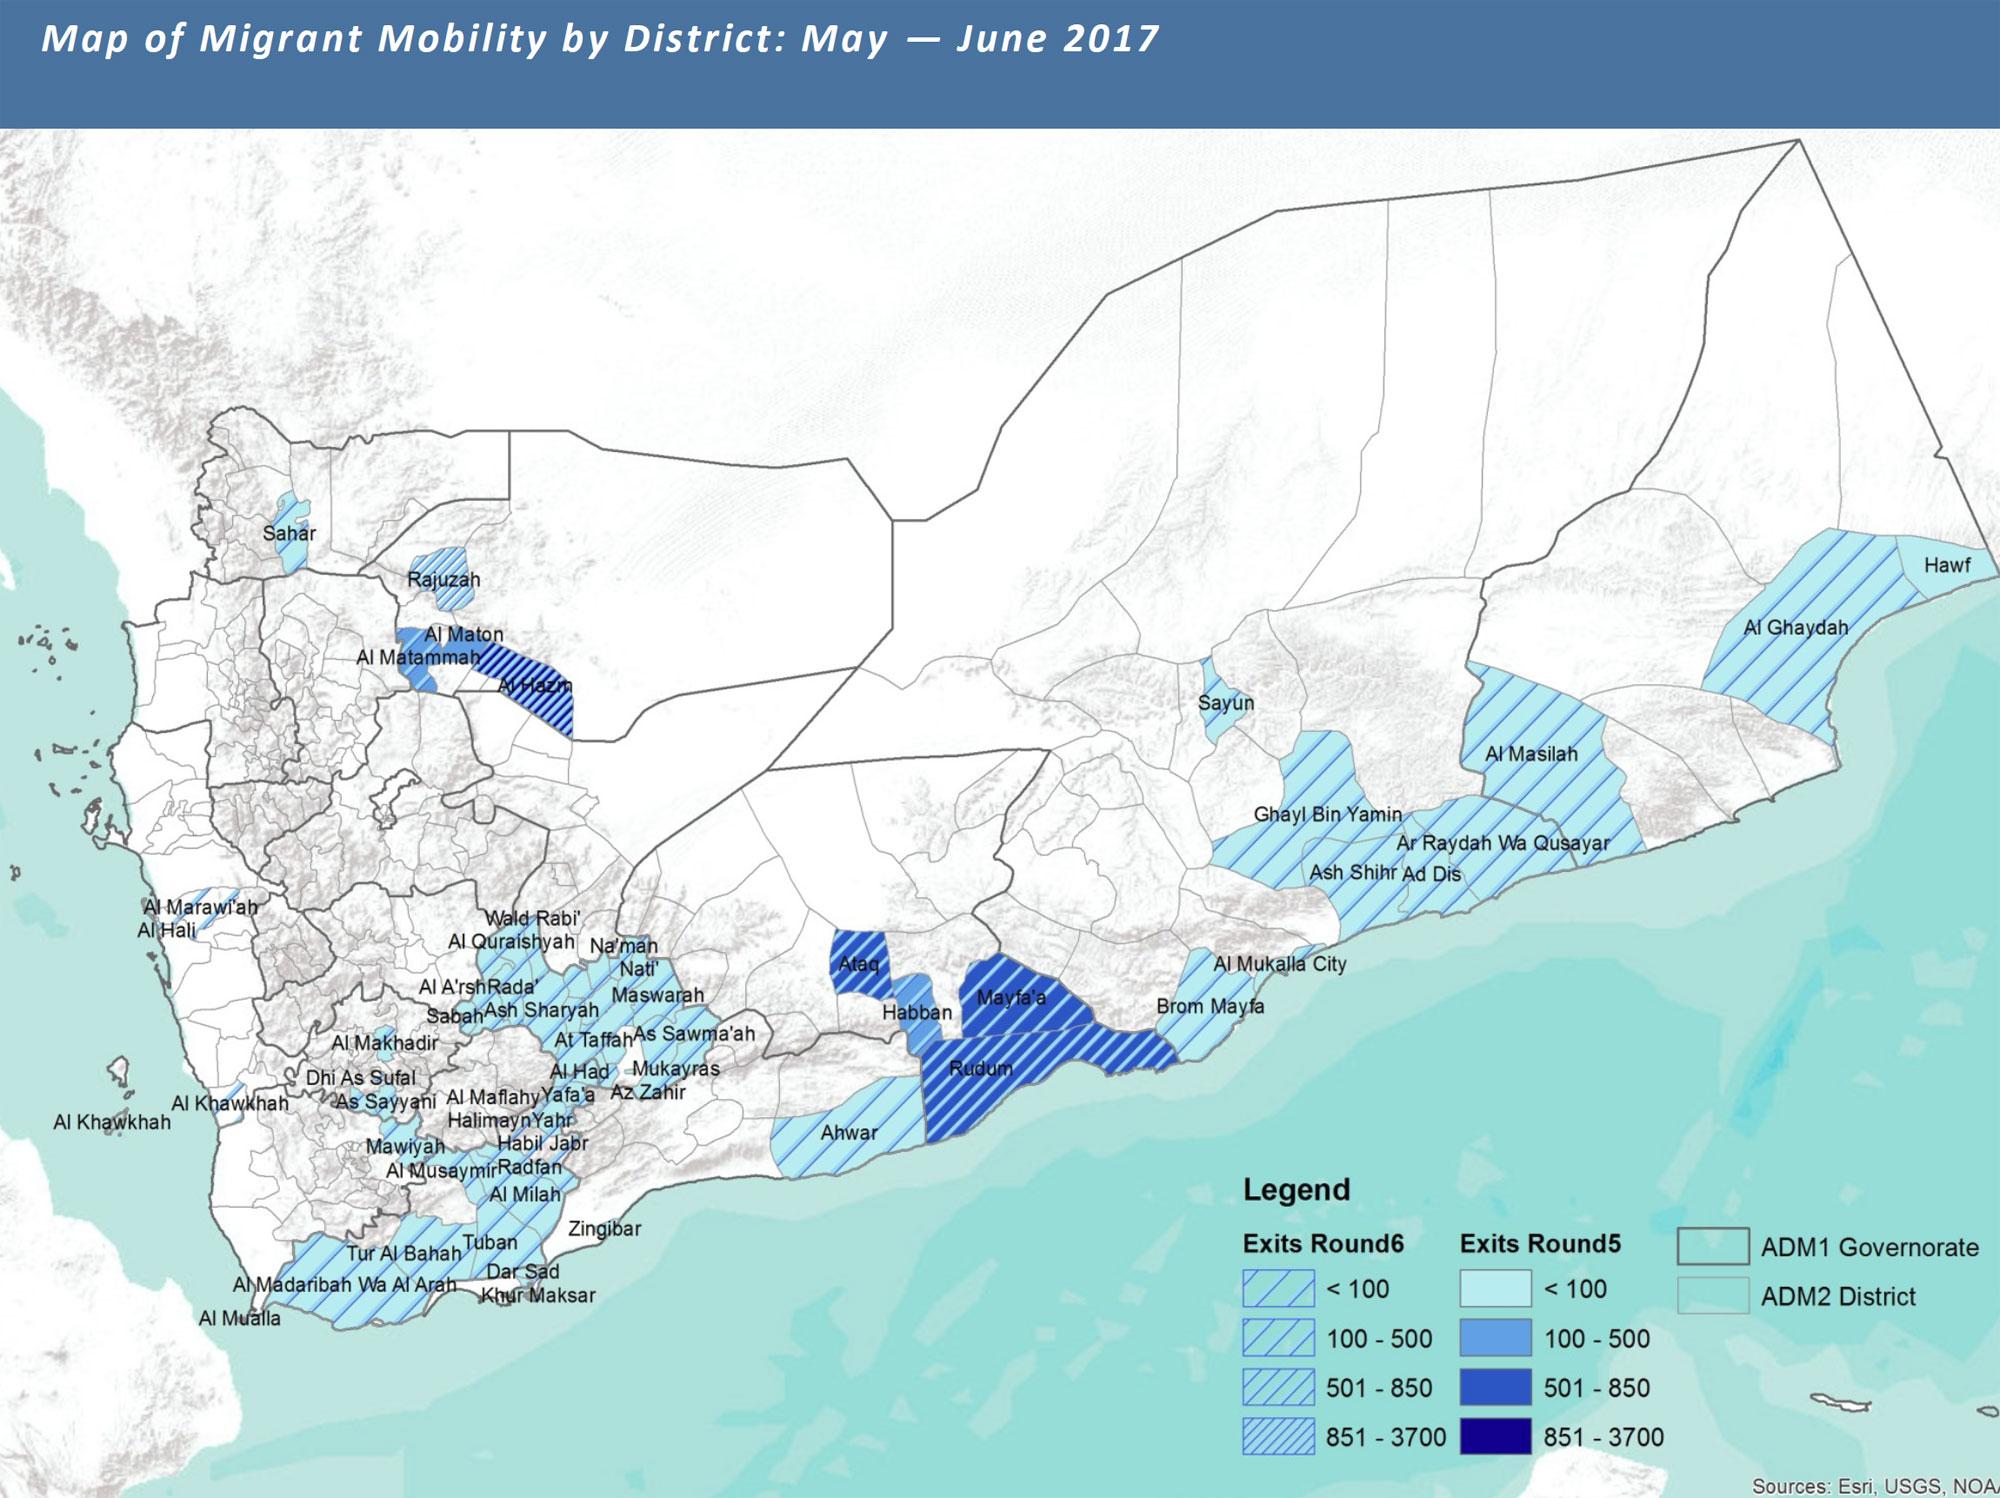 UN Migration Tracks Migrant Populations, Needs in Yemen